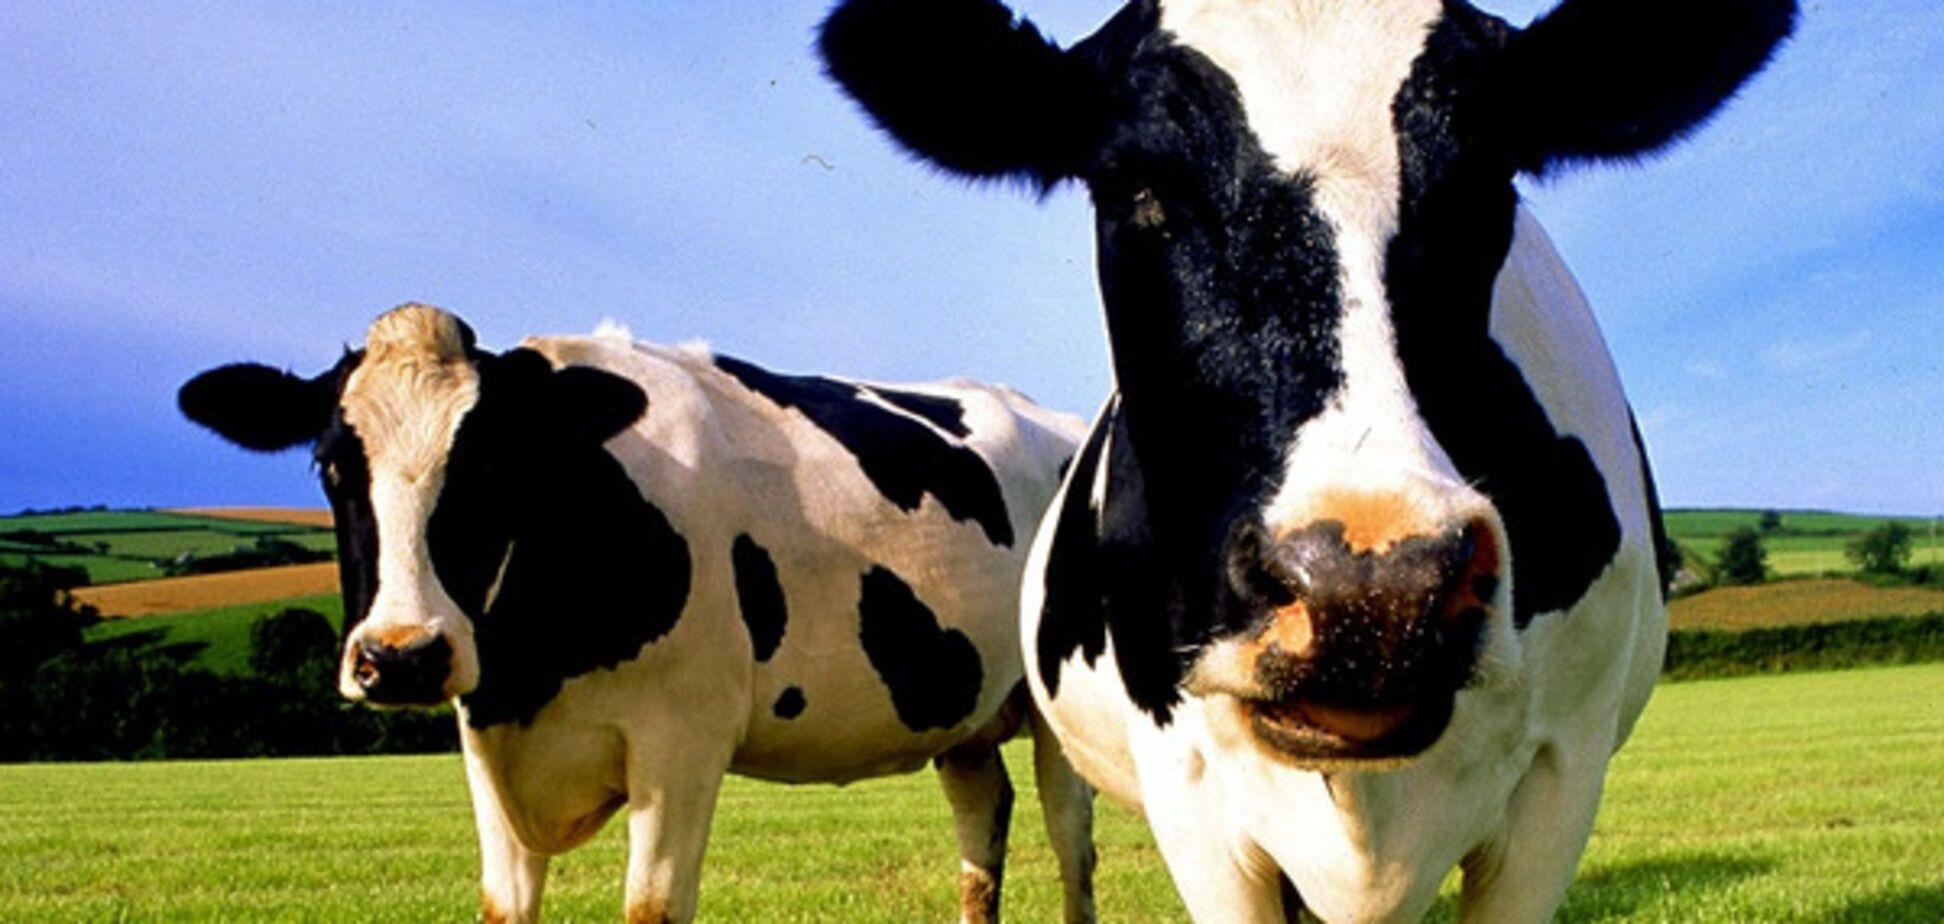 Фермер расстрелял двух коров